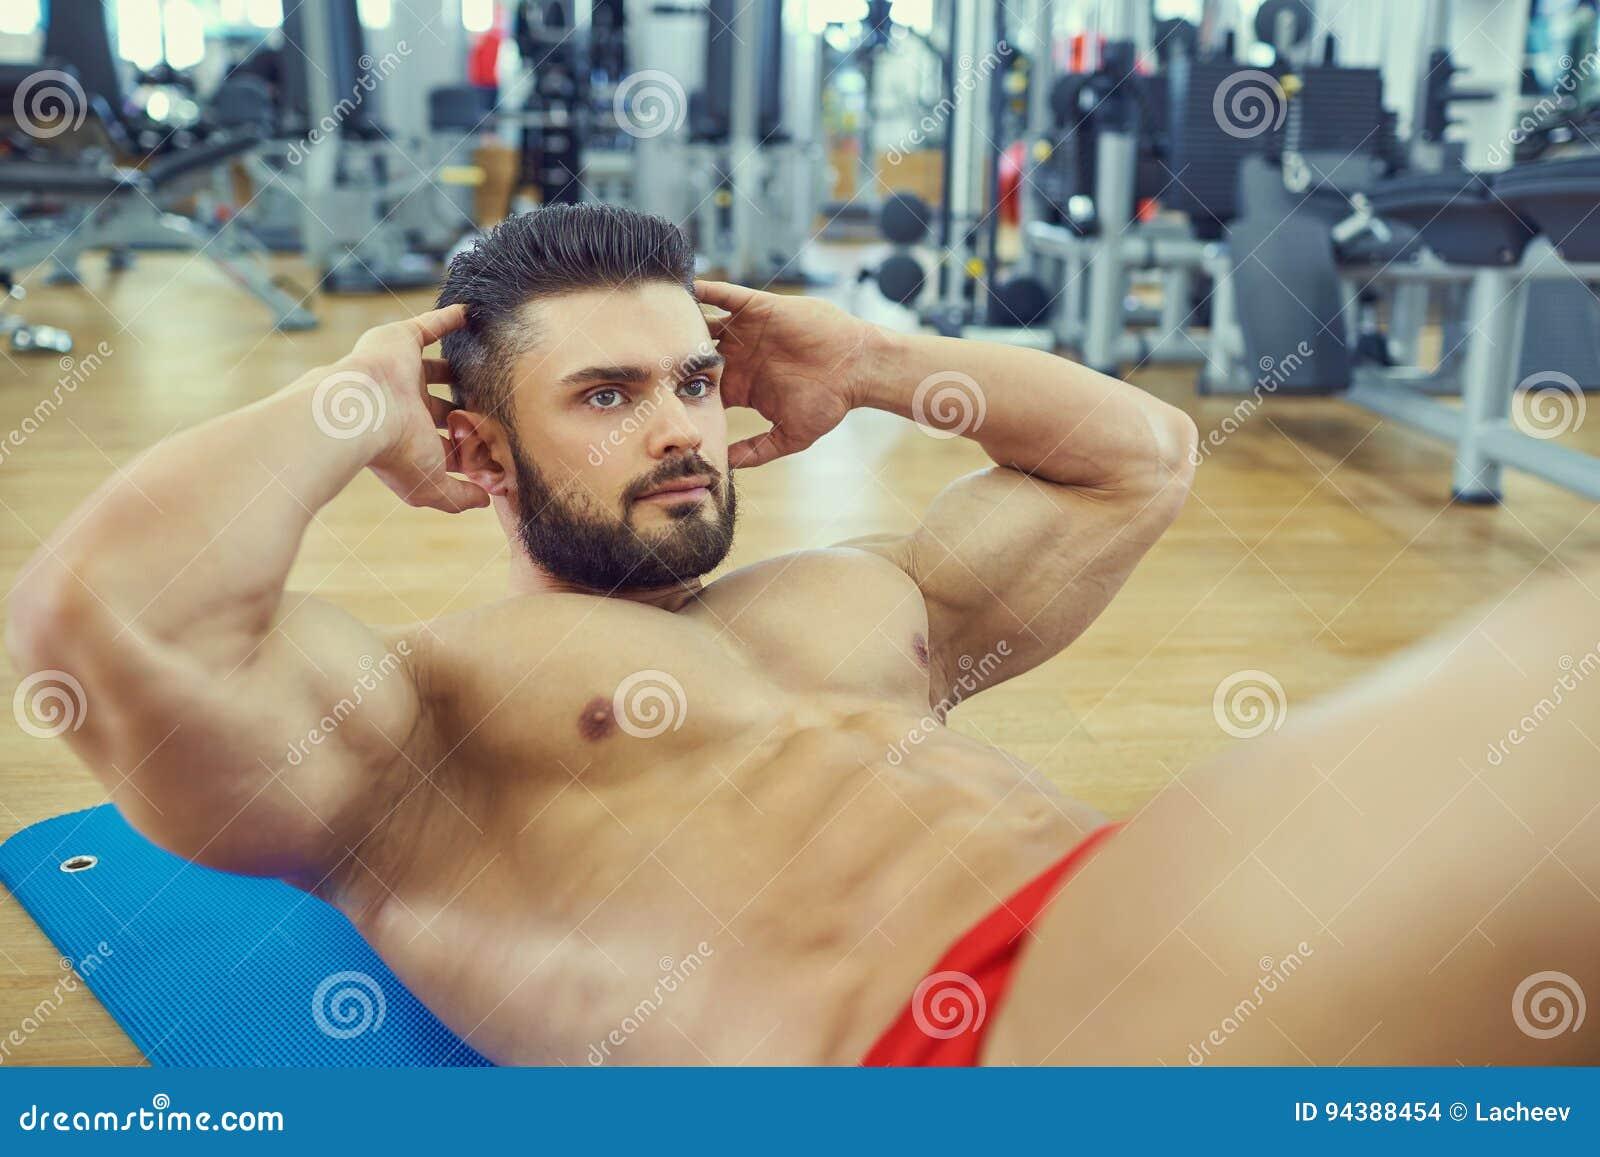 De bodybuilder met een baard doet abs oefening op de vloer in g